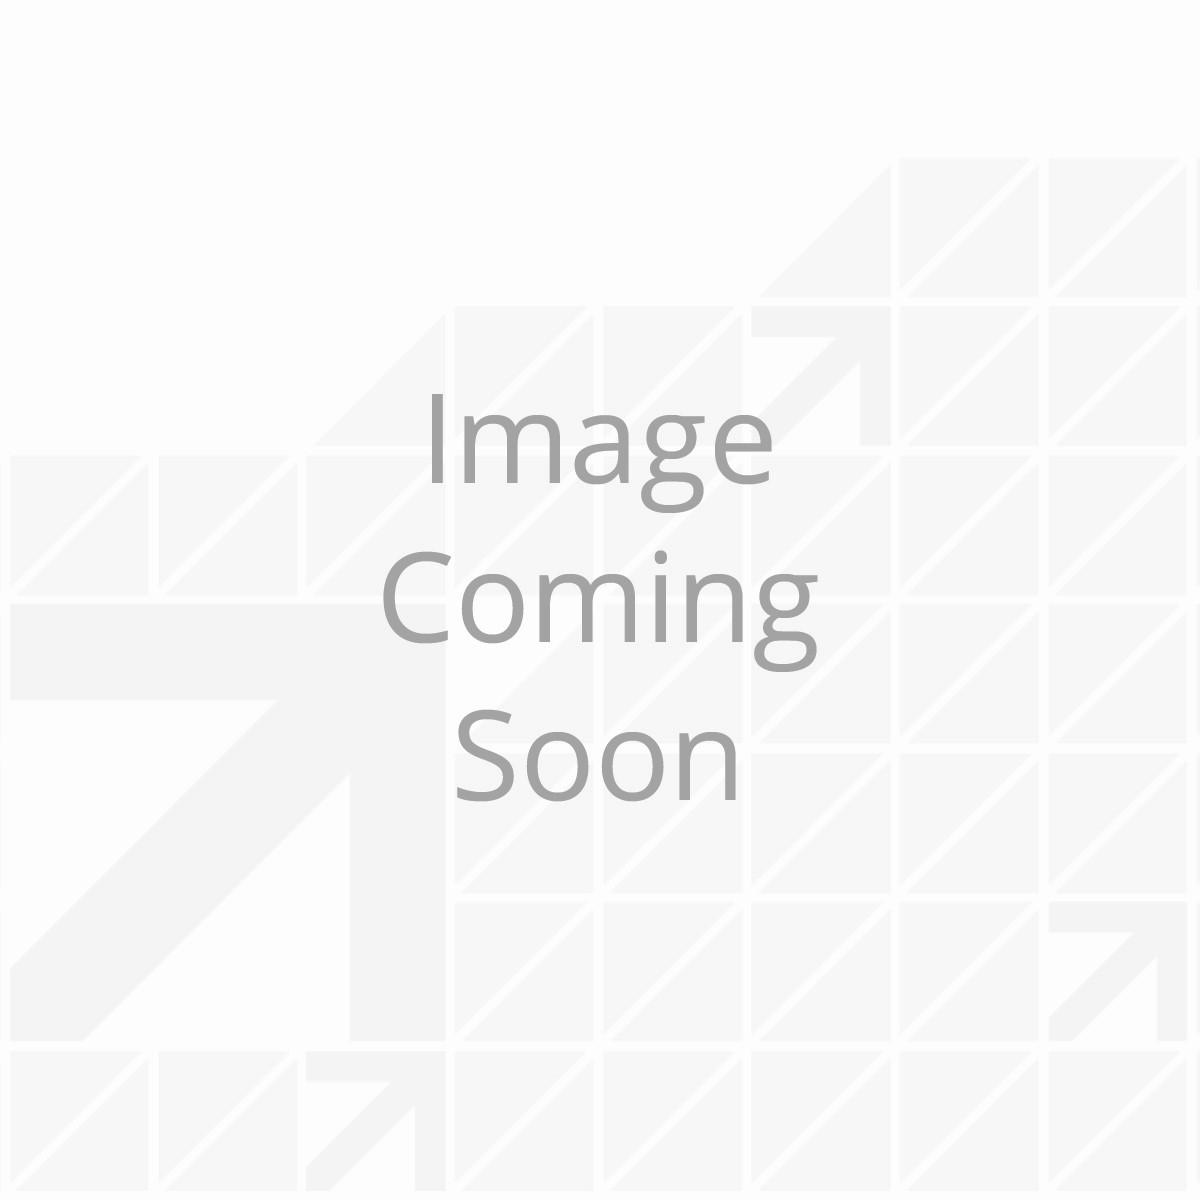 Xmc 12.25 X 4.75 X 1.5 X 1.5